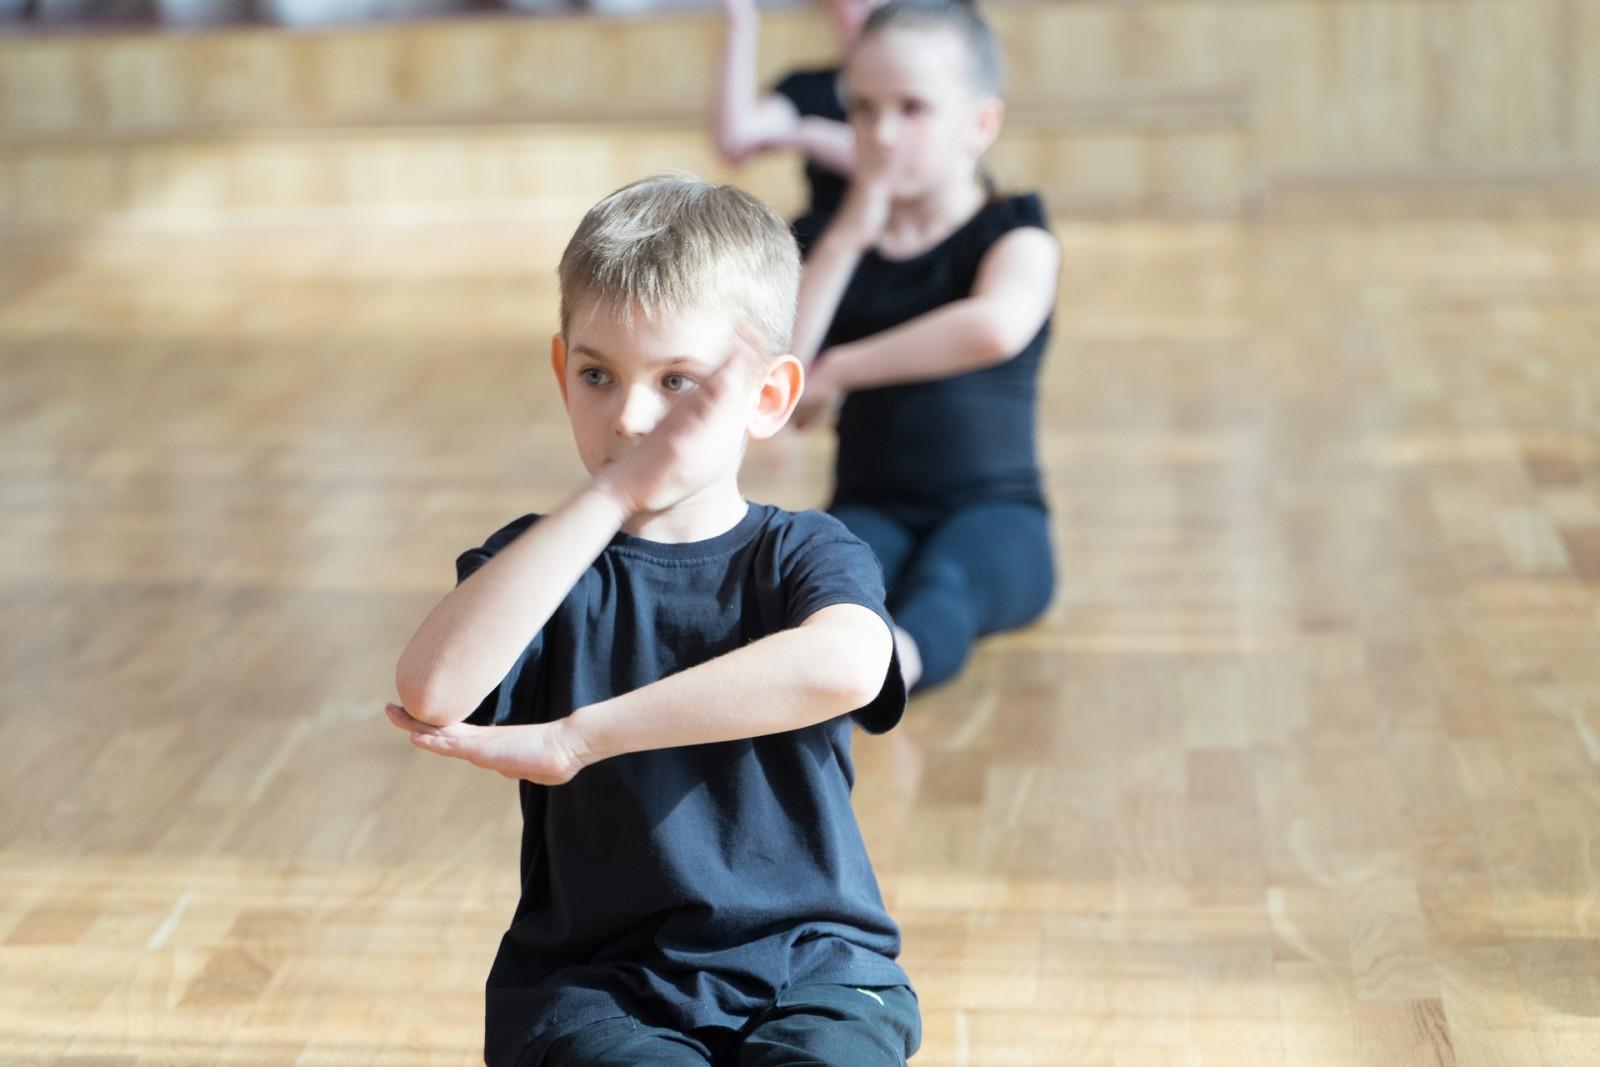 JAVNI POZIV za sufinanciranje organizacije športsko-plesnih priredbi za djecu od značaja za Grad Dubrovnik u 2020.. godini